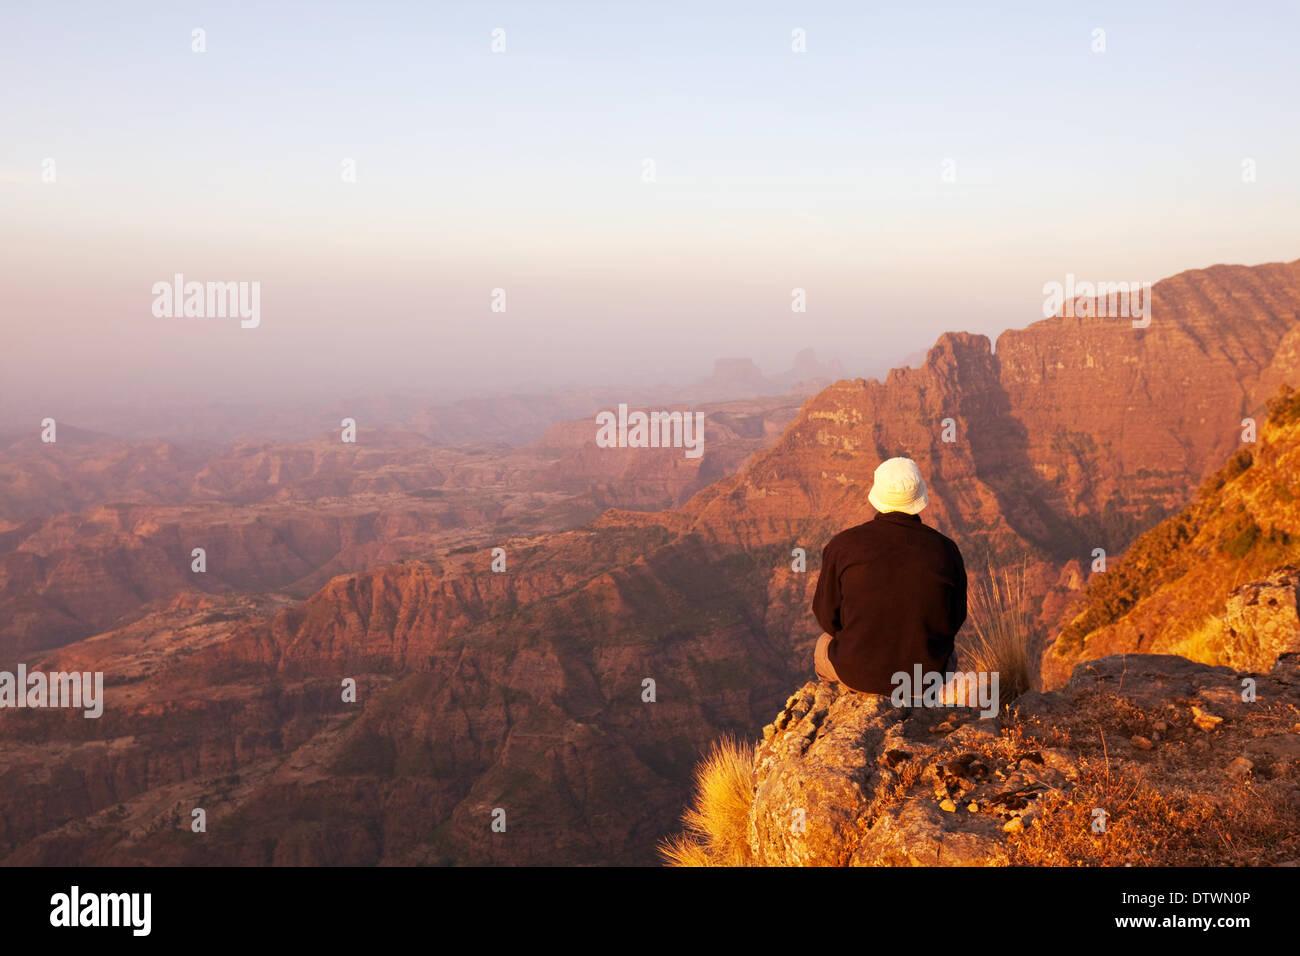 Ethiopian mountains - Stock Image